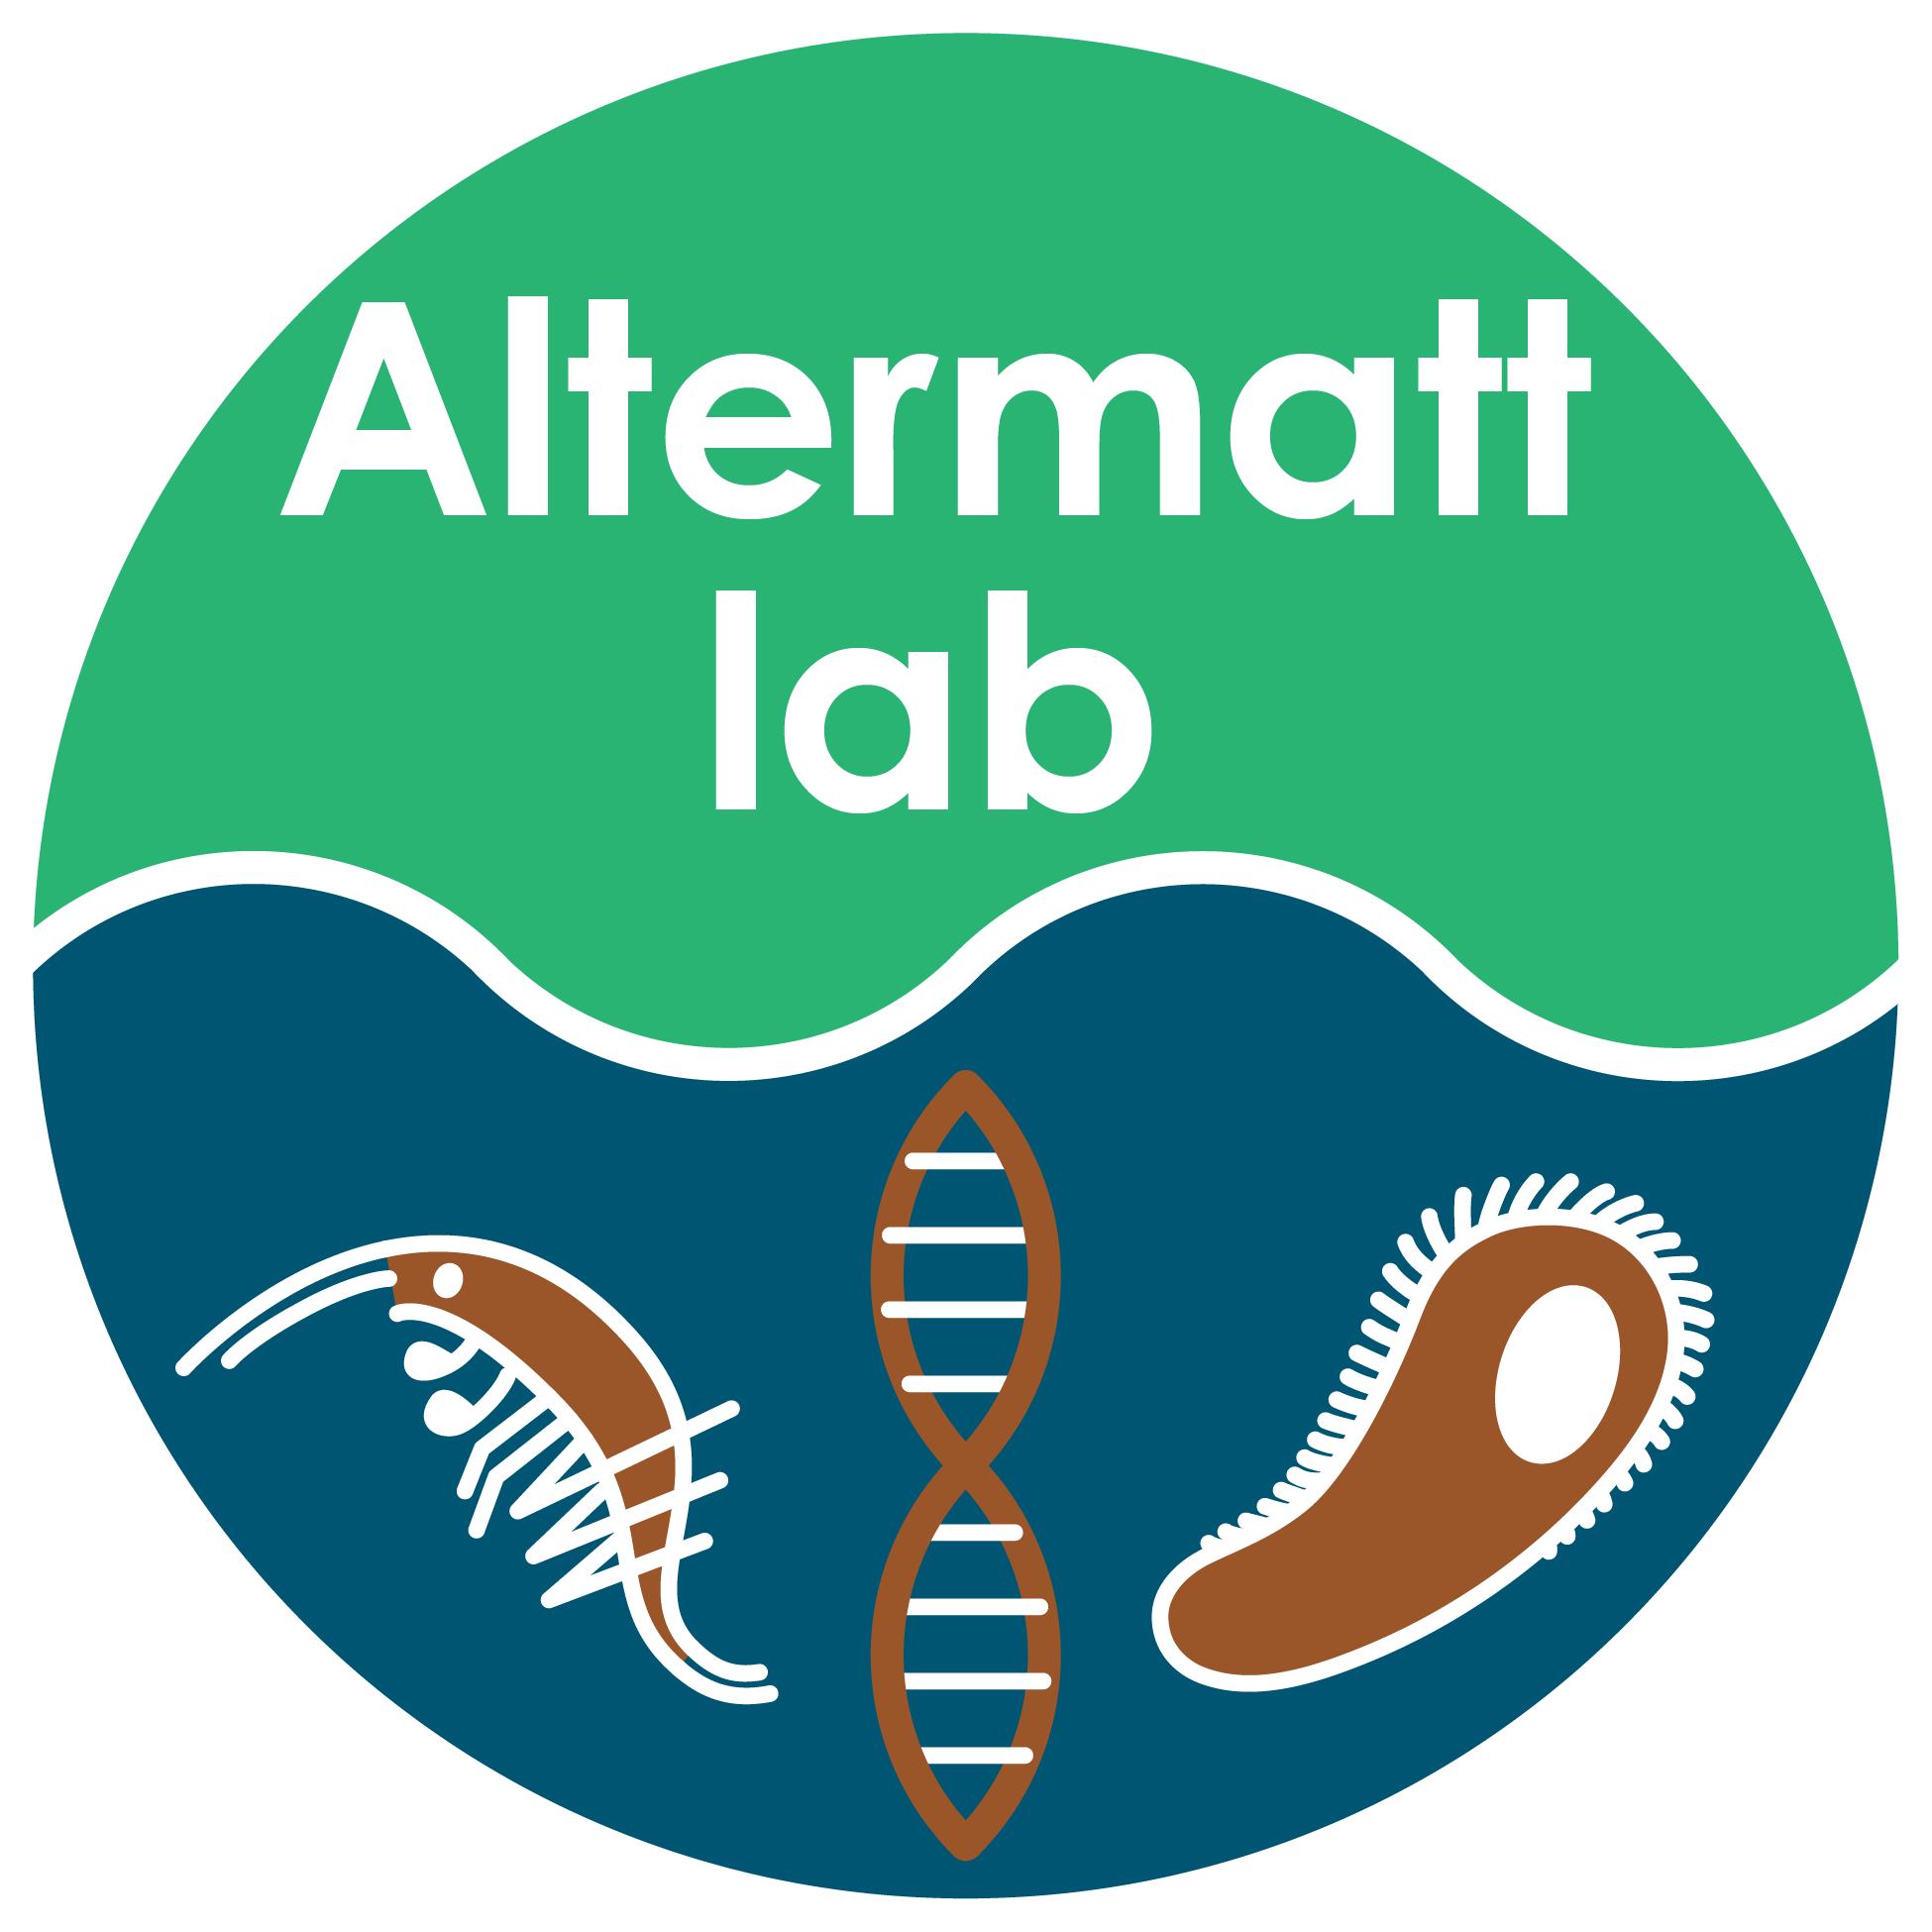 Altermatt lab